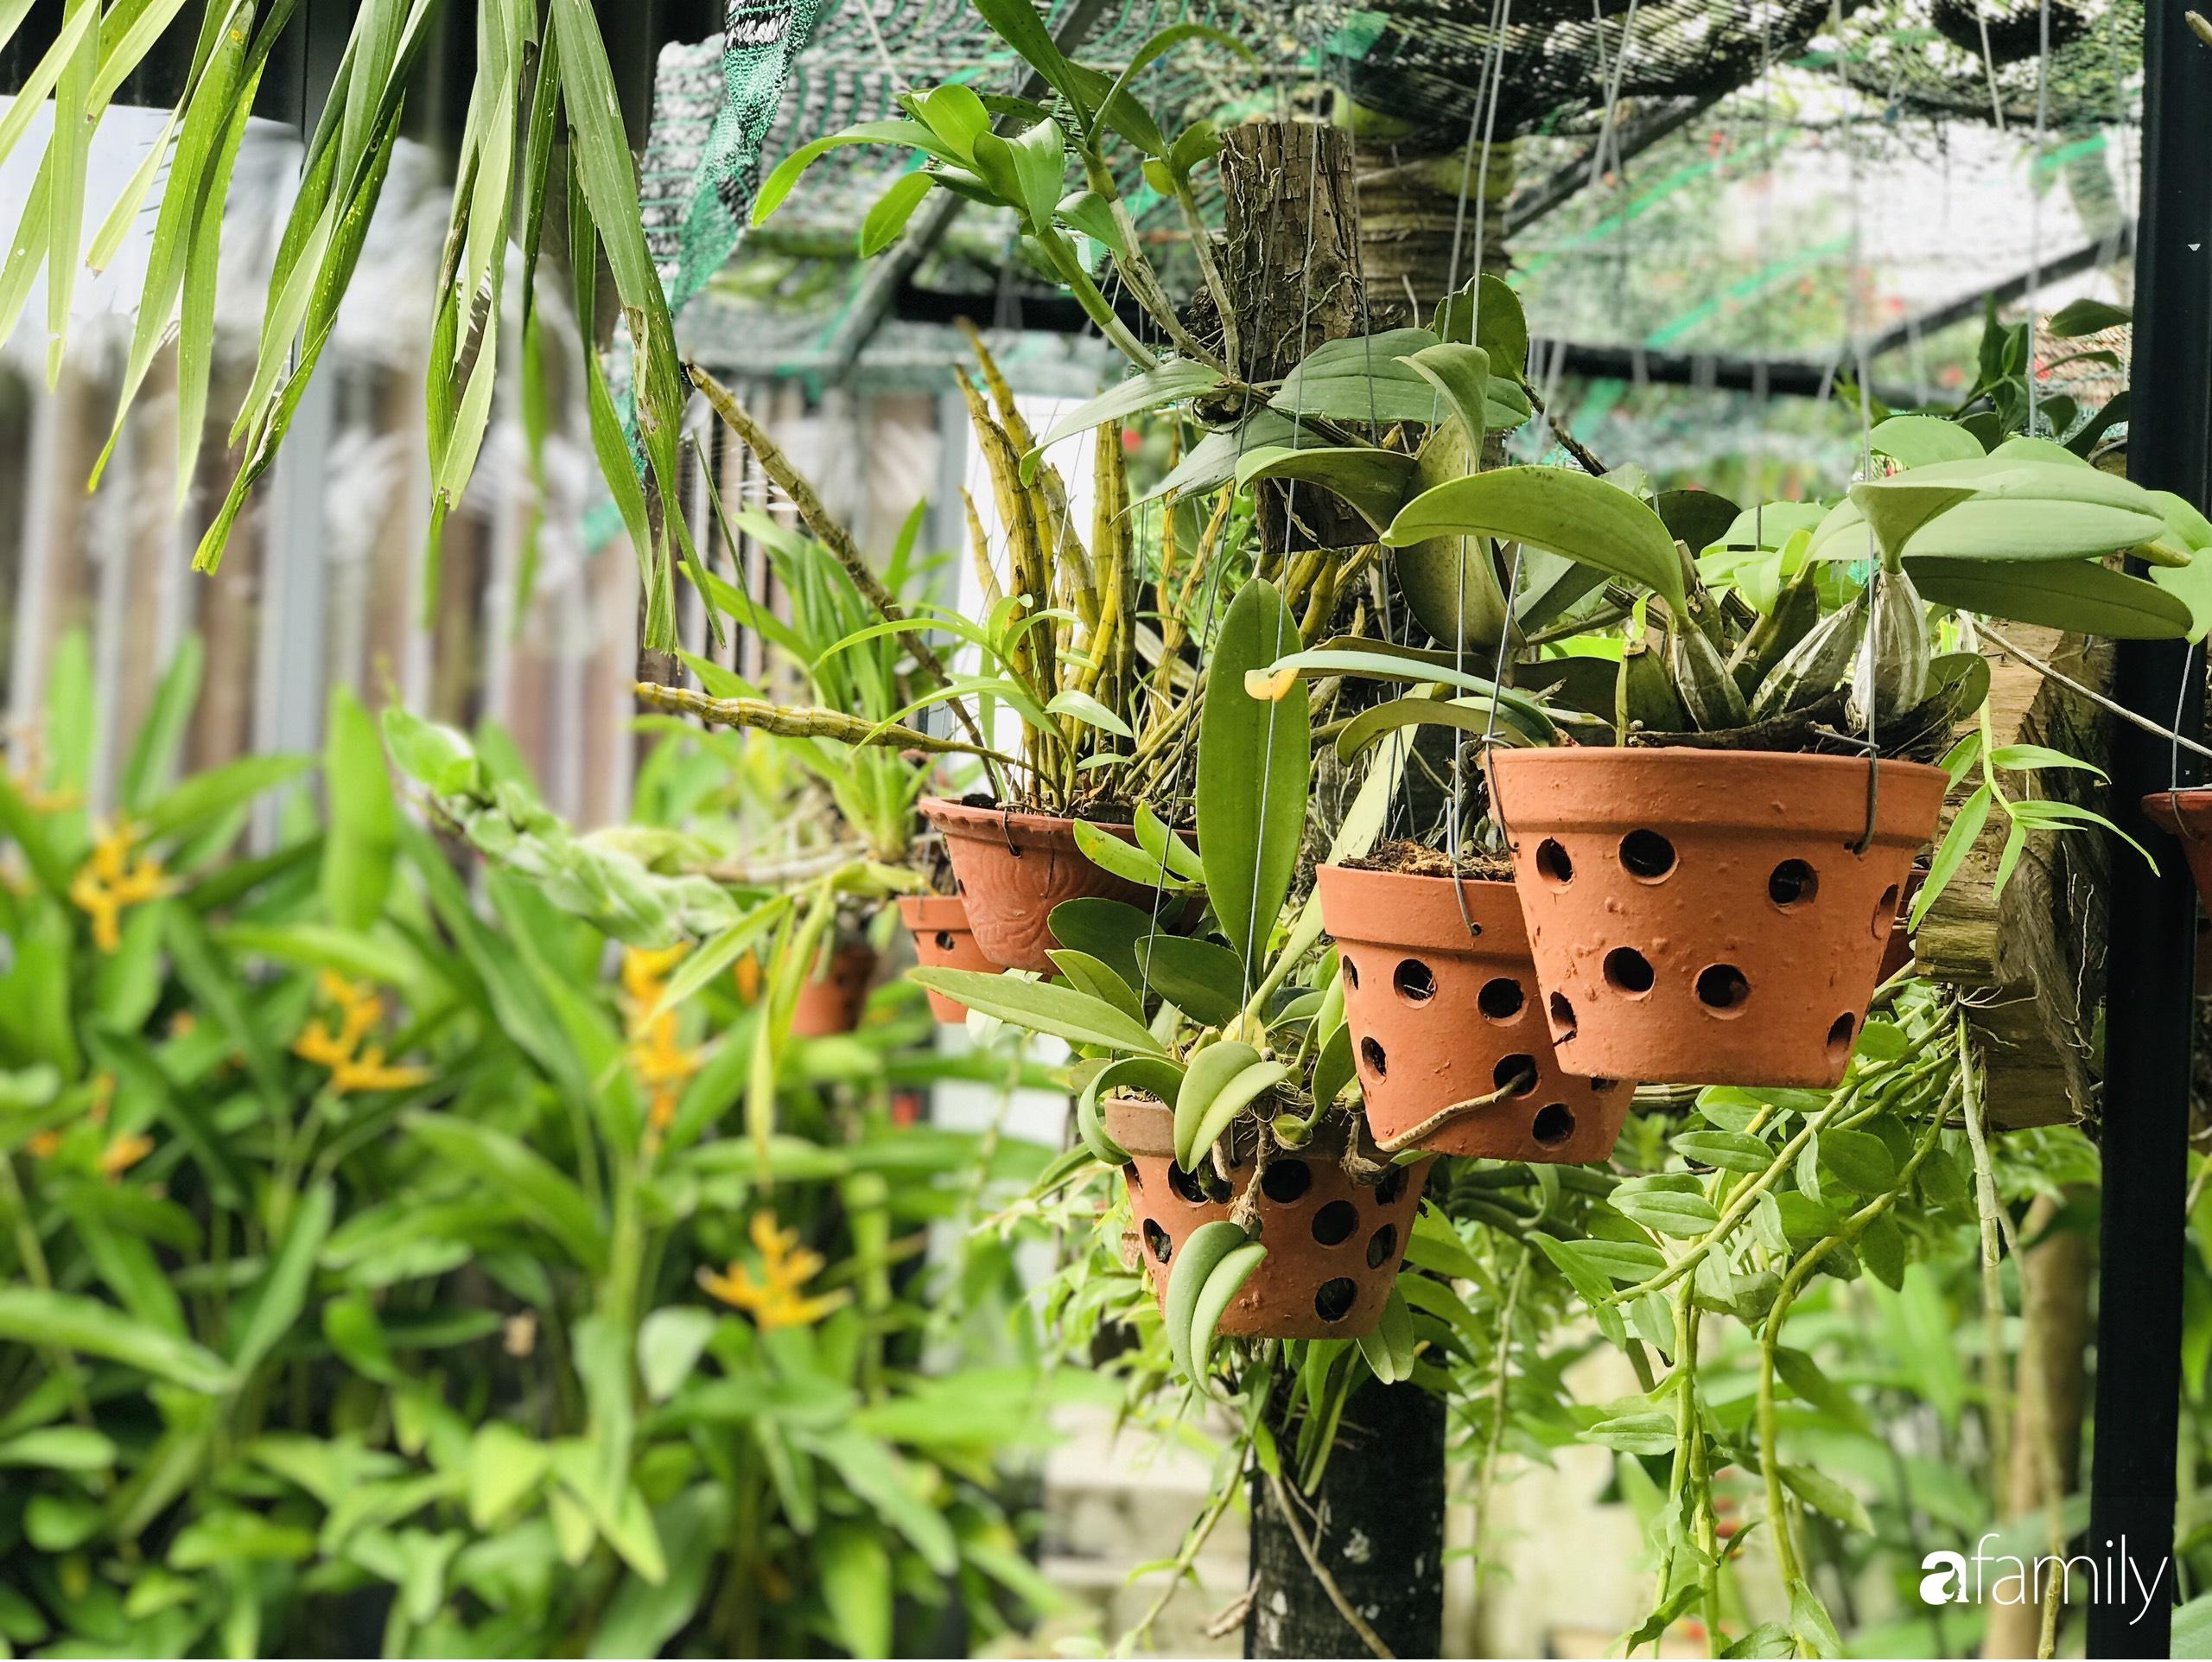 Chàng sinh viên kiến trúc tự decor vườn 200m² với cây xanh và ao cá cho gia đình 4 thế hệ ở ngoại ô Đà Nẵng - Ảnh 4.